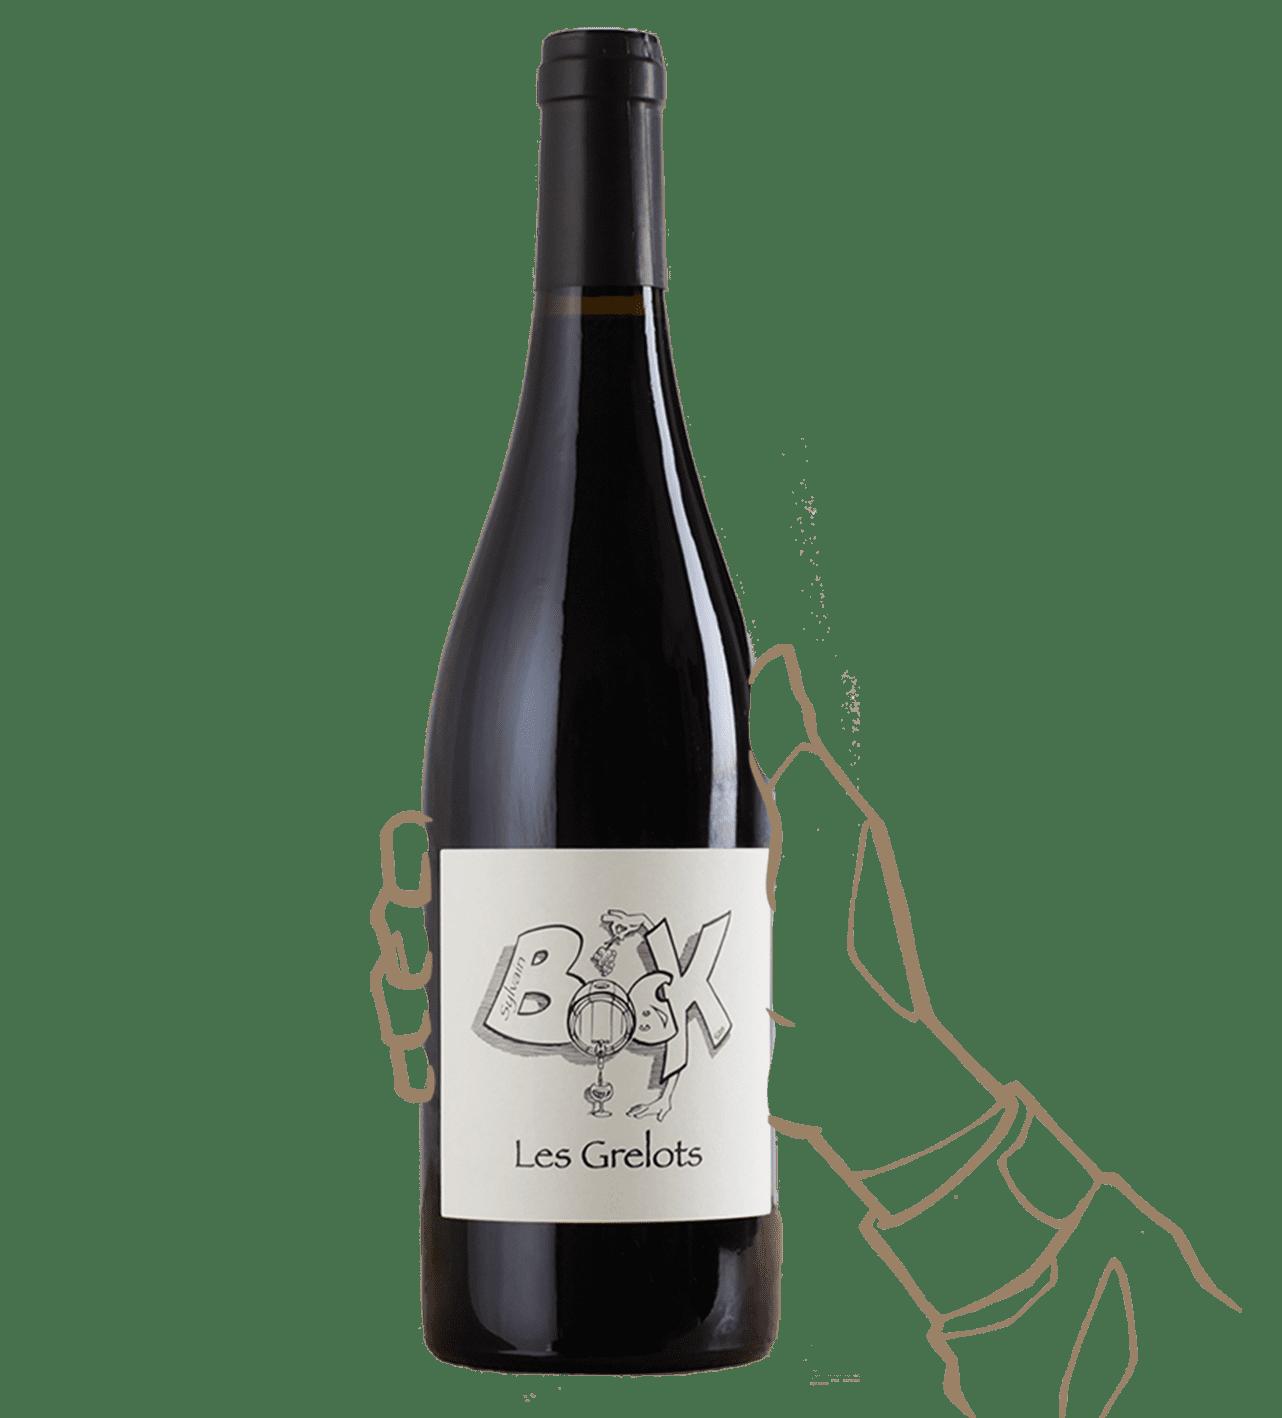 Les Grelots de Sylvain Bock est un vin naturel d'Ardèche